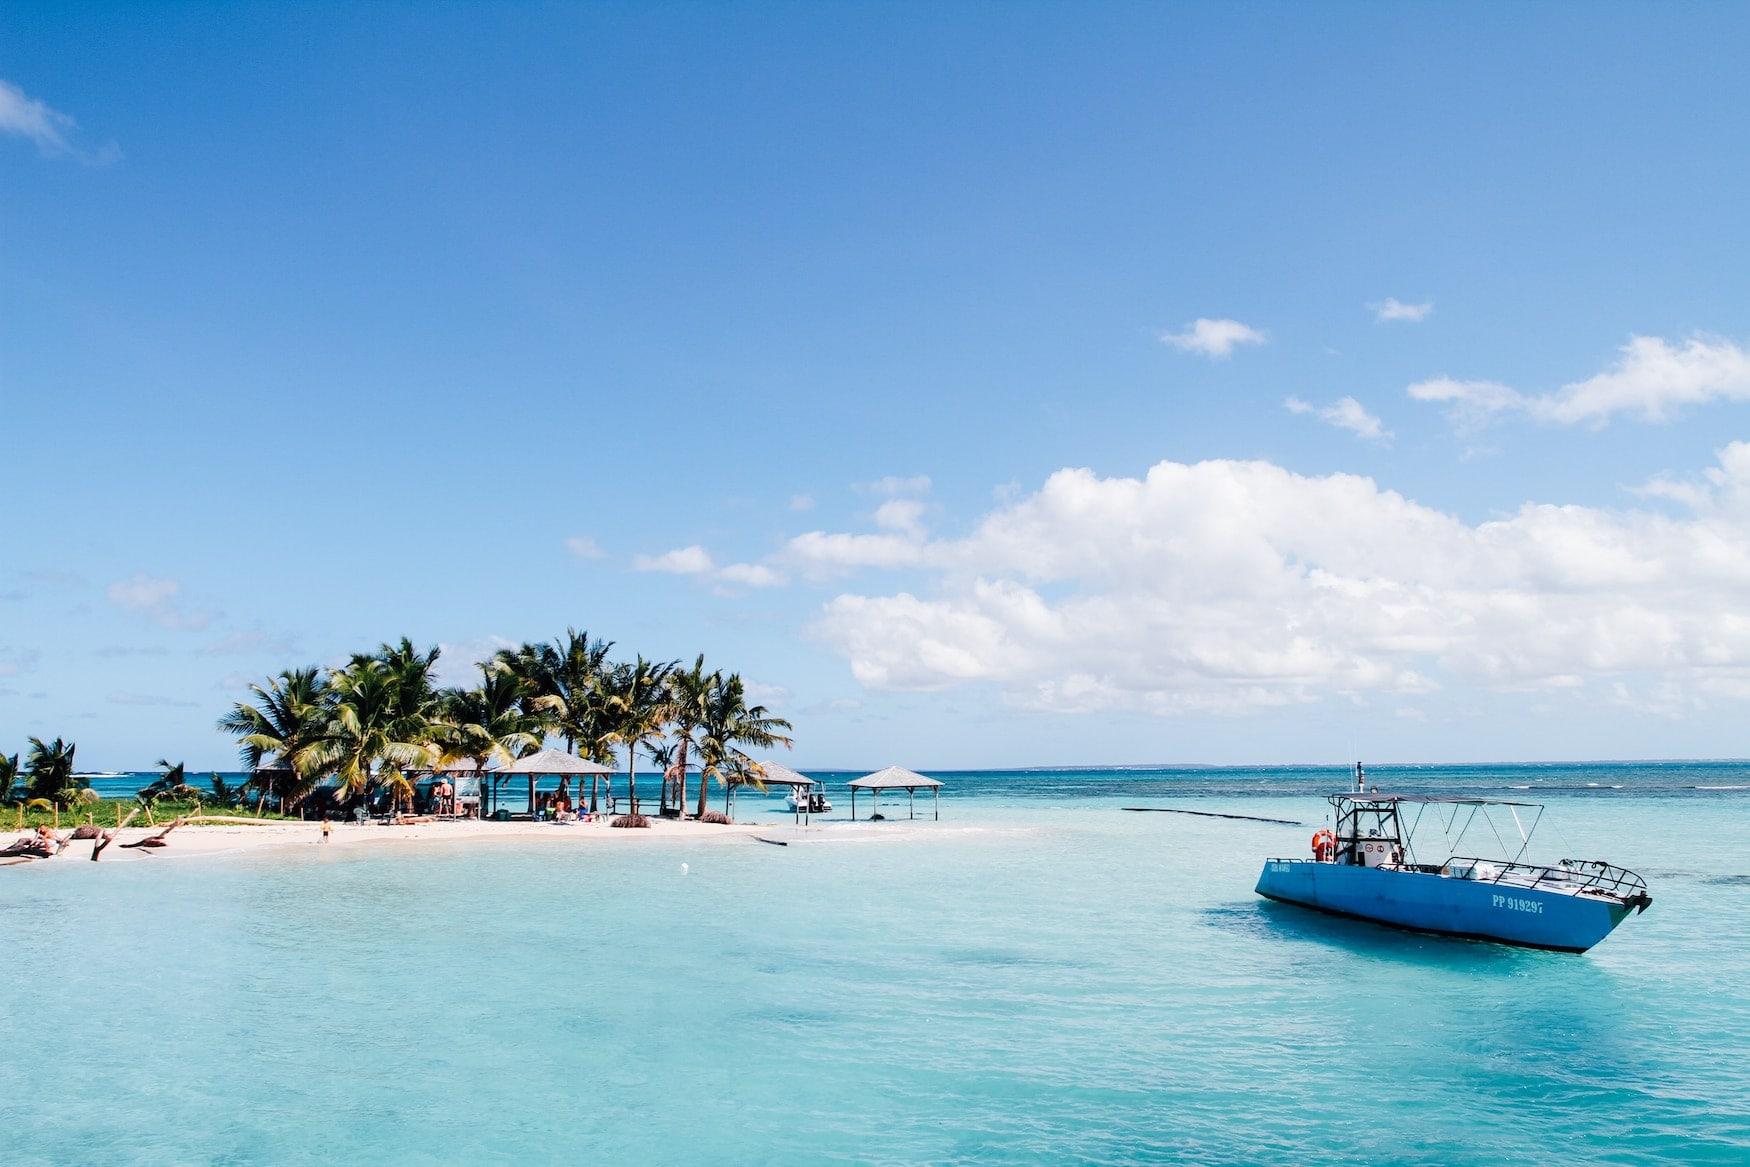 Postkartenidylle auf Guadeloupe, Karibik